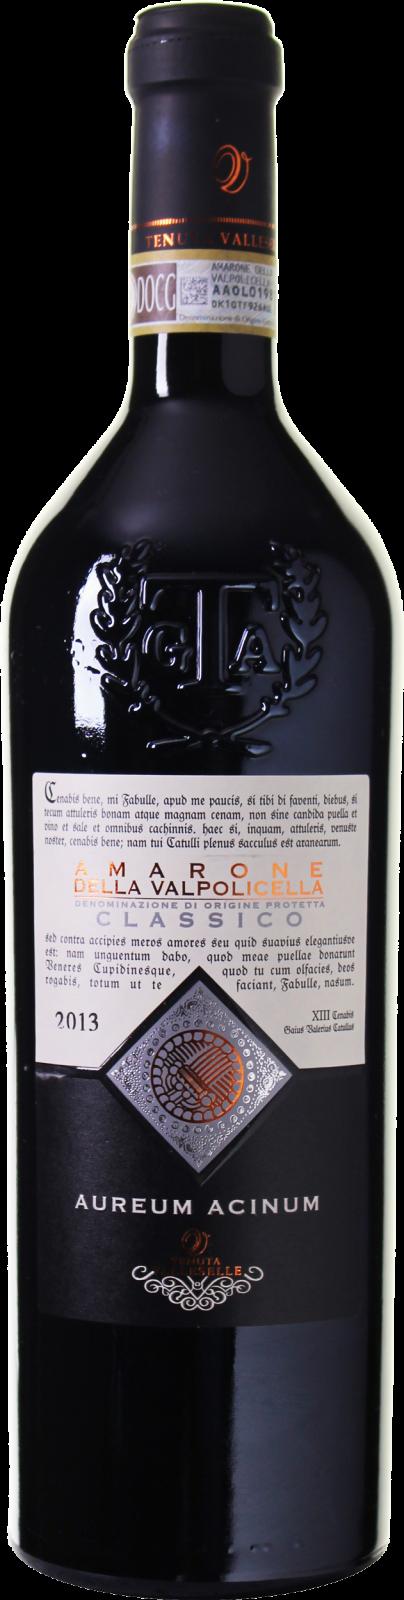 Tenuta Valleselle 'Aureum Acinum' Amarone della Valpolicella